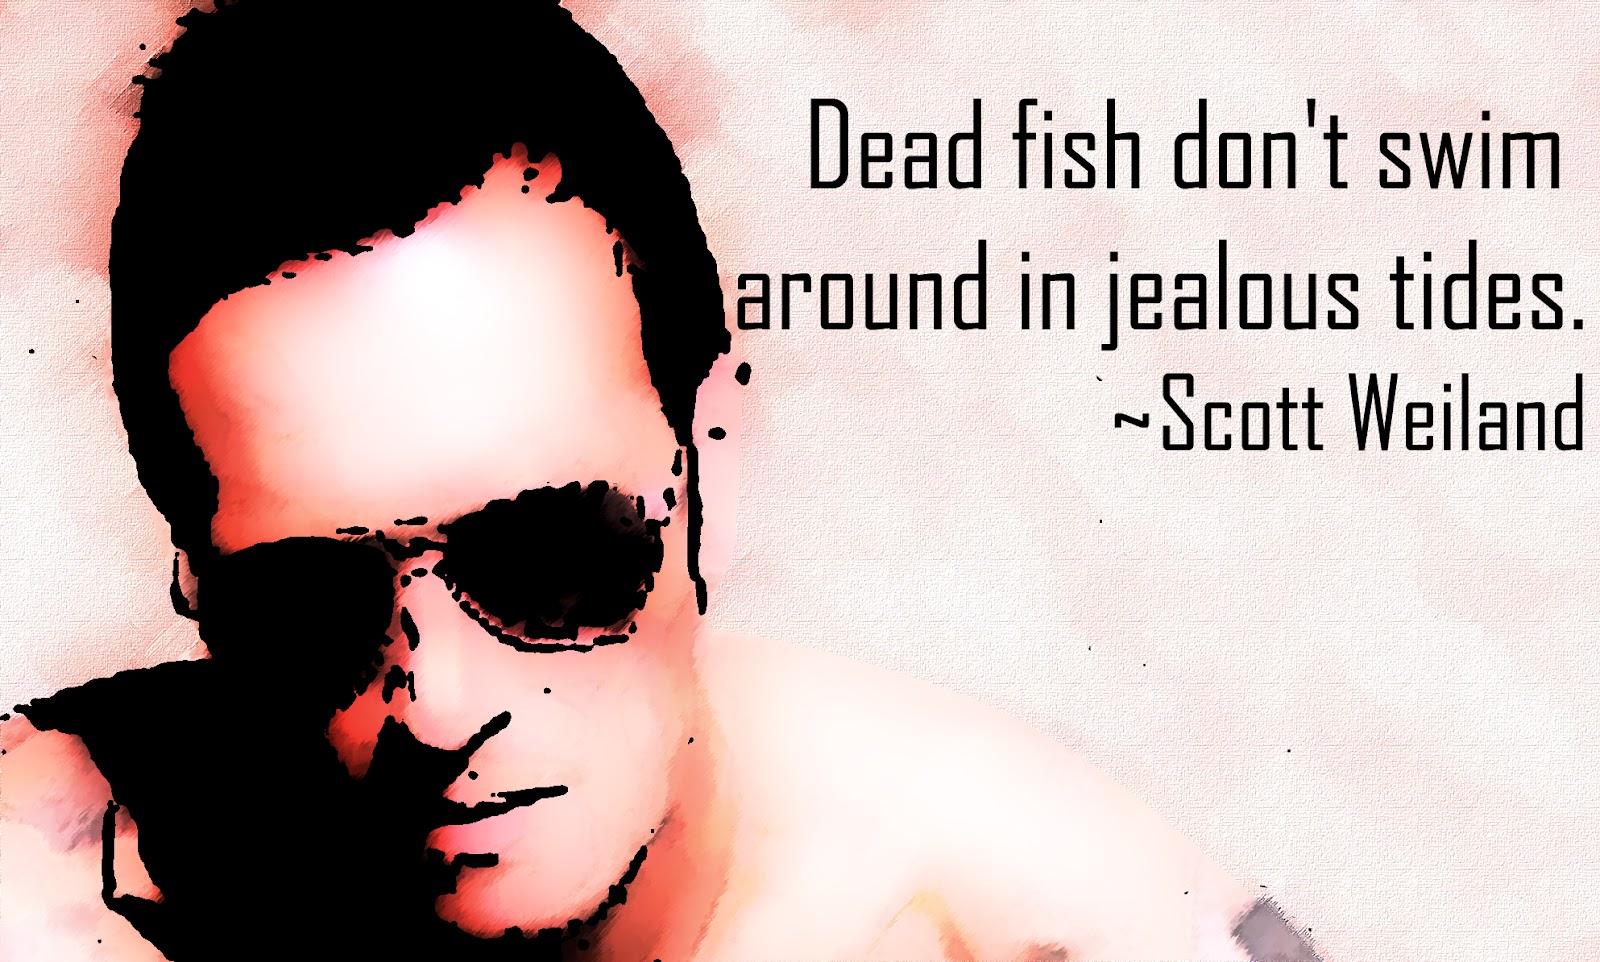 Scott Weiland's quote #1